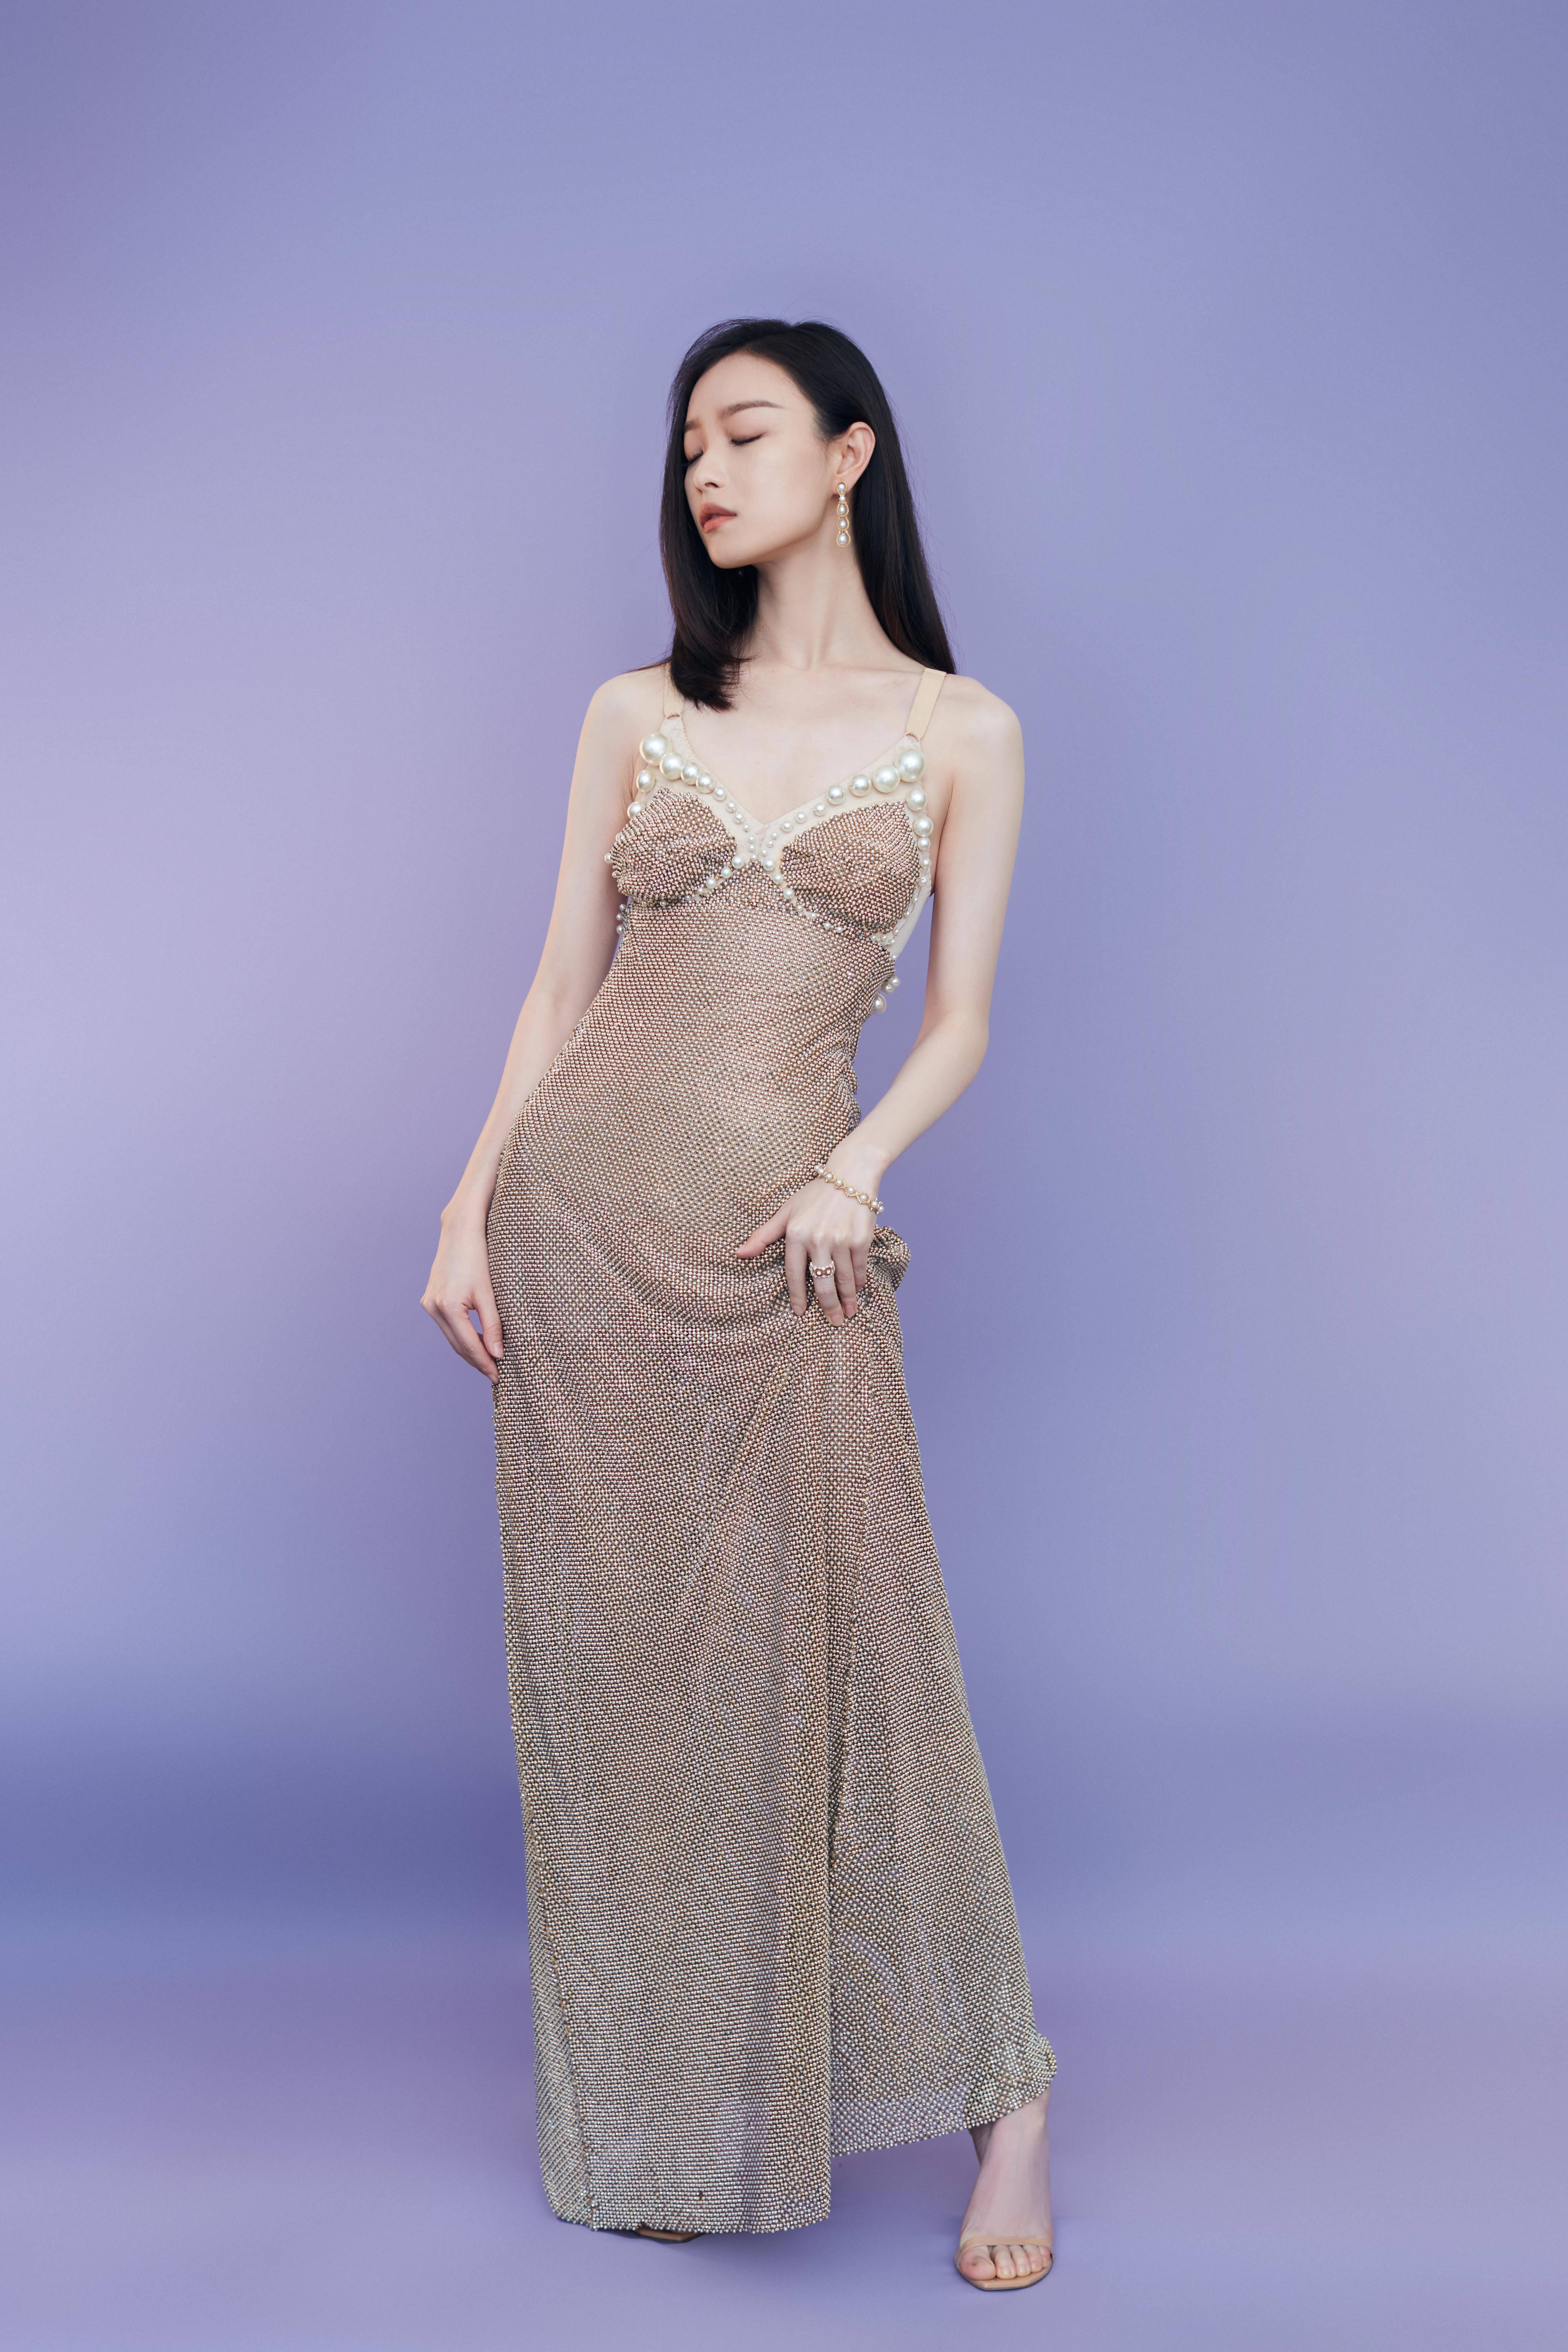 """倪妮""""珍珠吊带裙""""完美包覆S曲线!向下看更狂…全透视直逼腿根"""